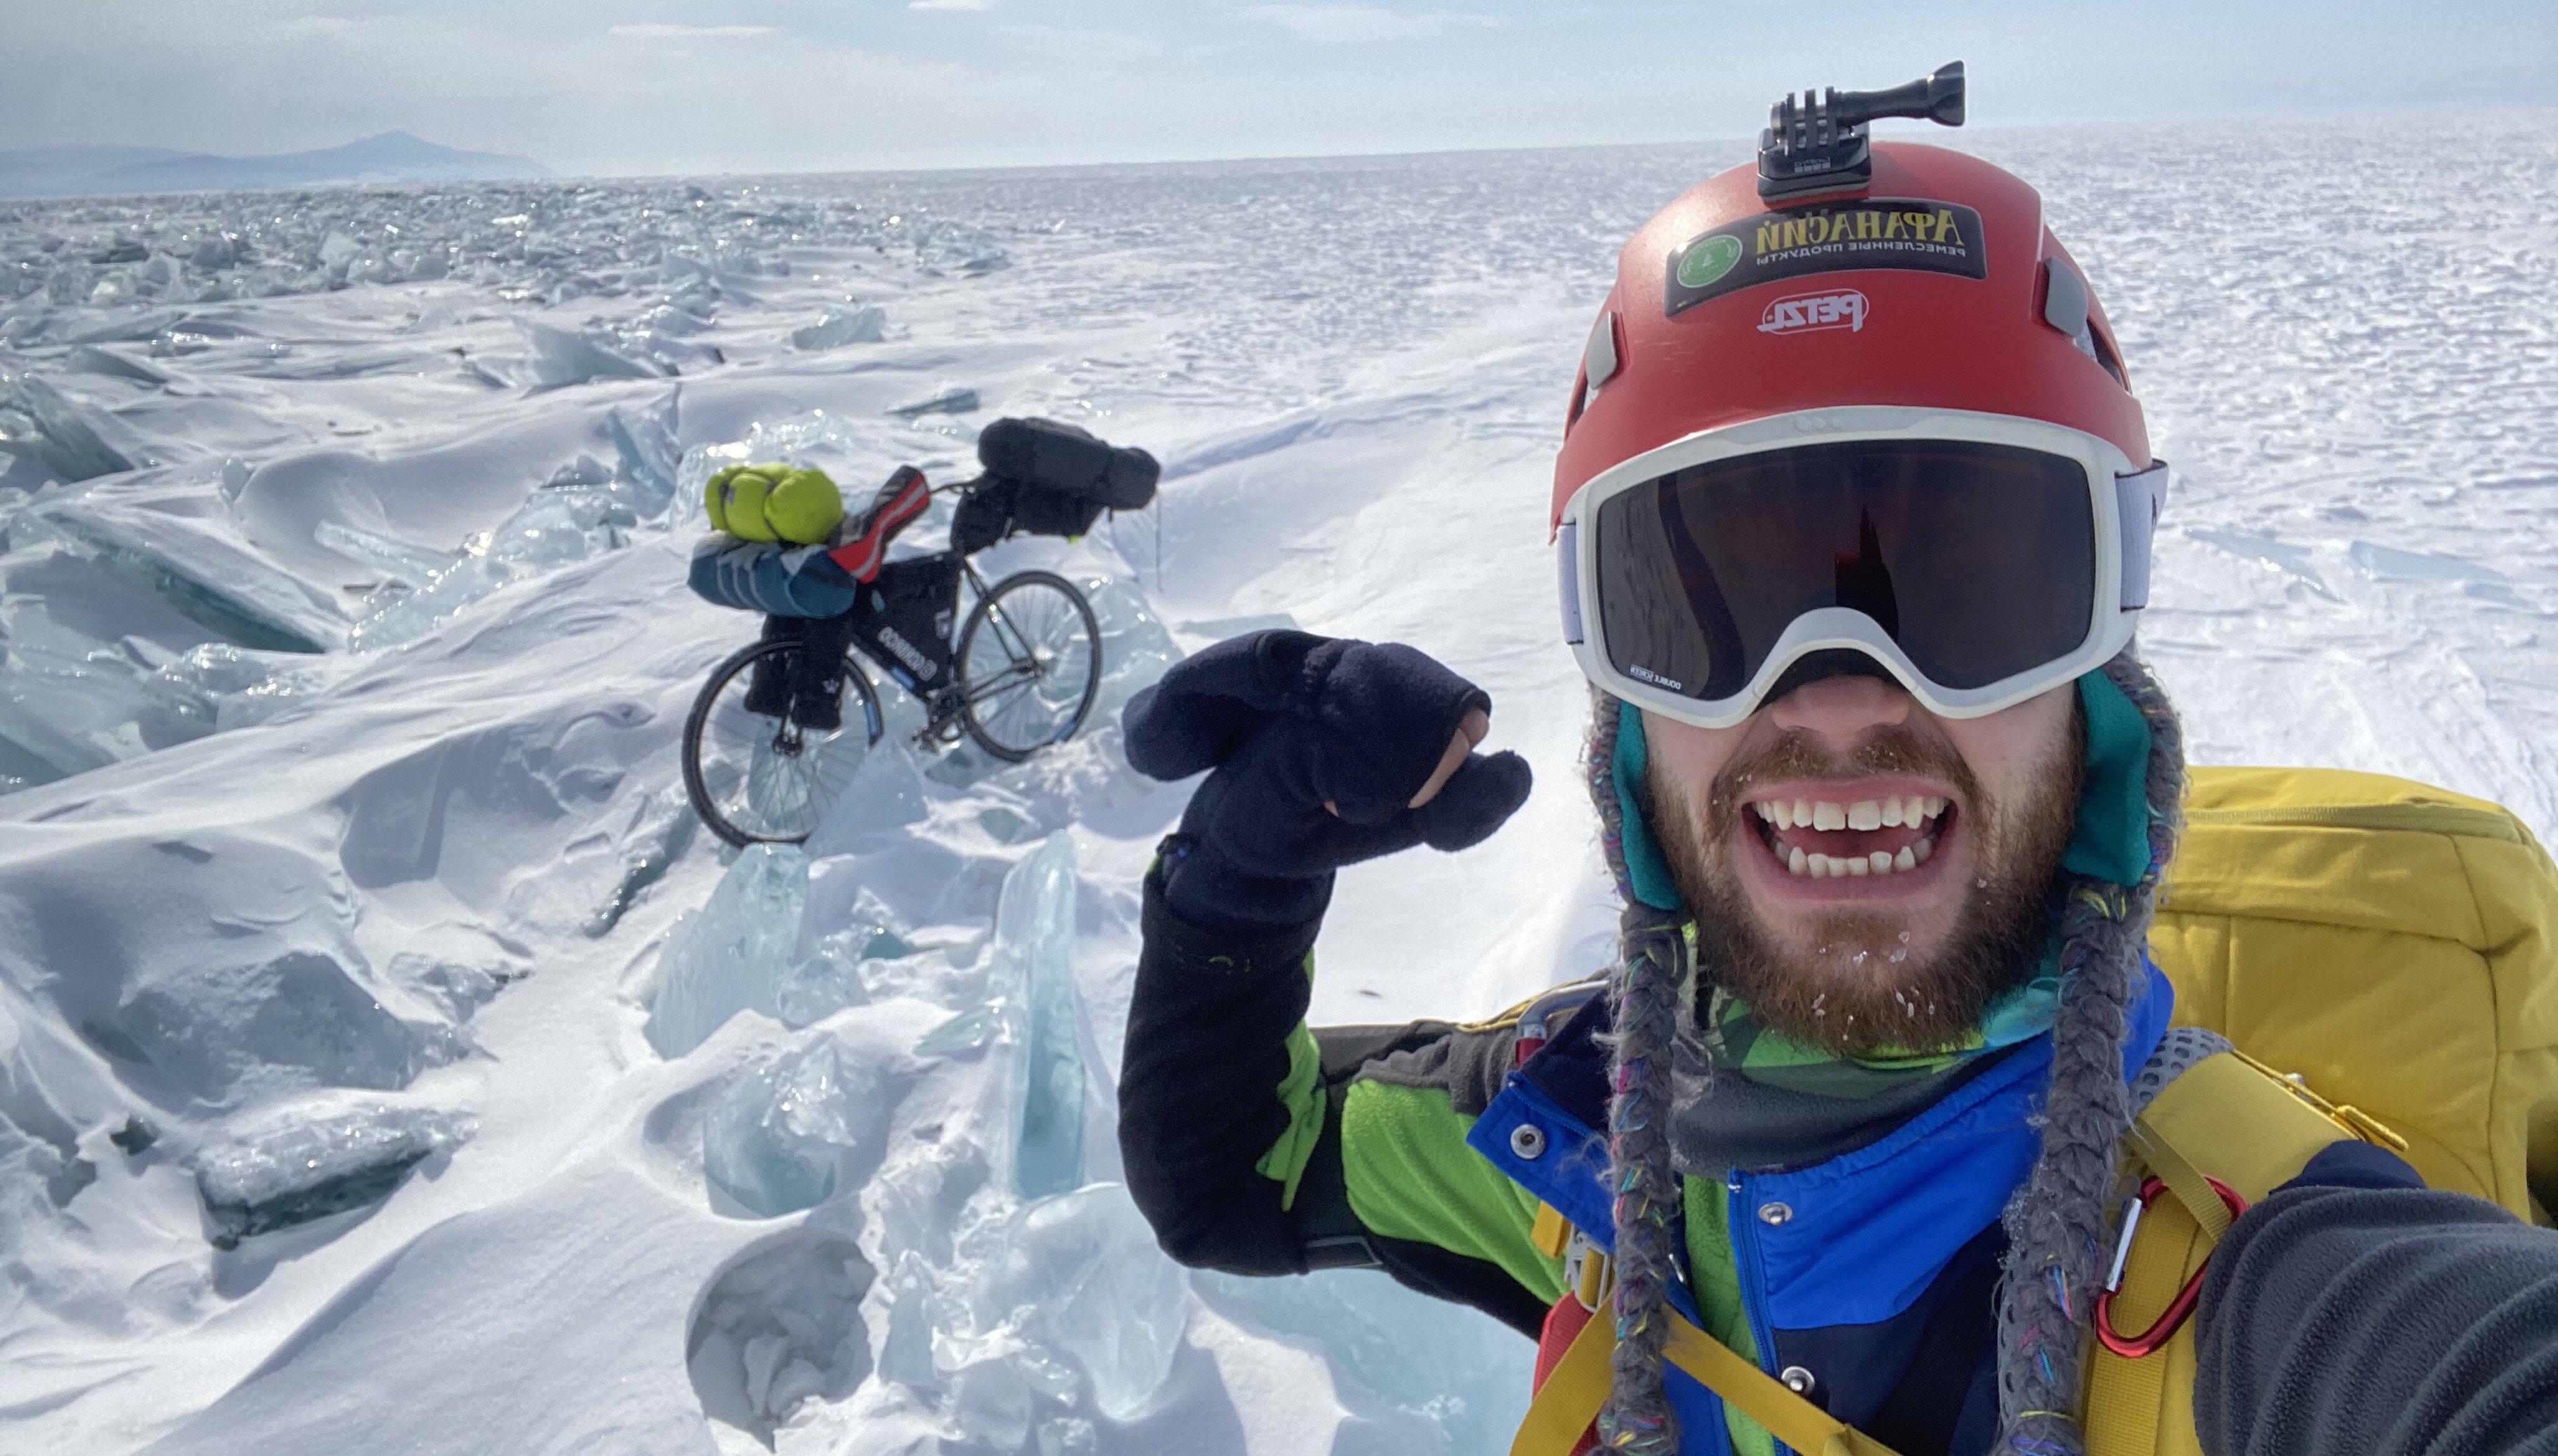 «Я узнал, кто самый крутой на Байкале»: тверской путешественник Иракли Удзилаури рассказал о своем уникальном велопоходе - новости Афанасий